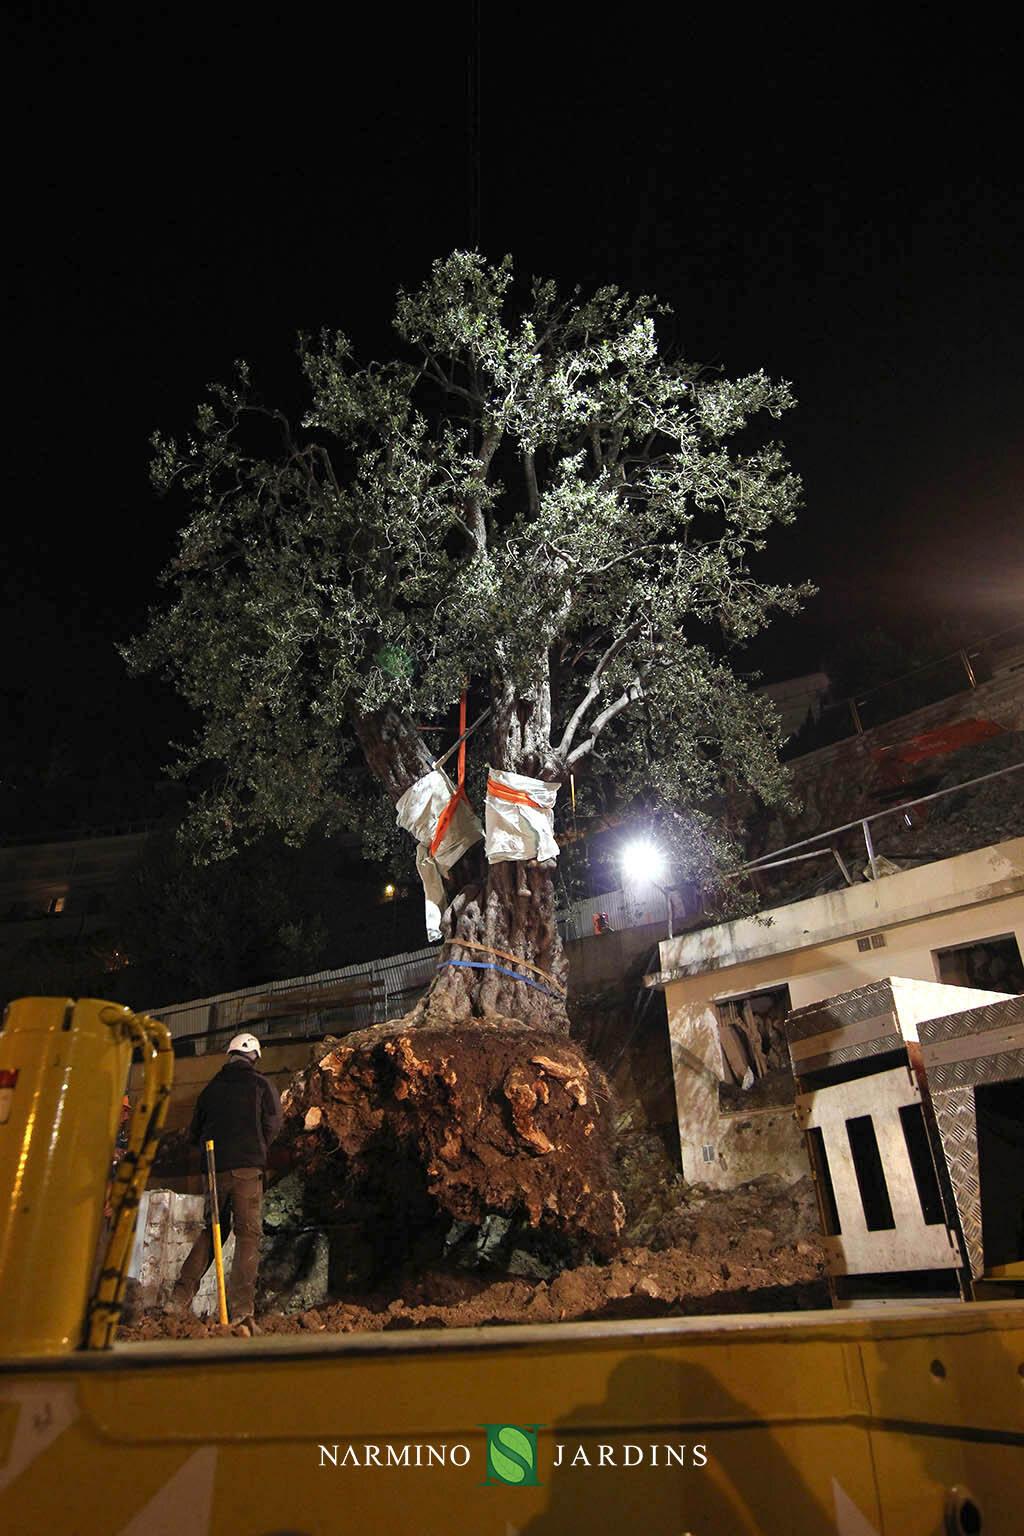 Photo du déplacement d'un olivier de plus de 20 tonnes. Une performance de l'entreprise paysagère et d'entretien d'espaces verts Narmino Jardins.